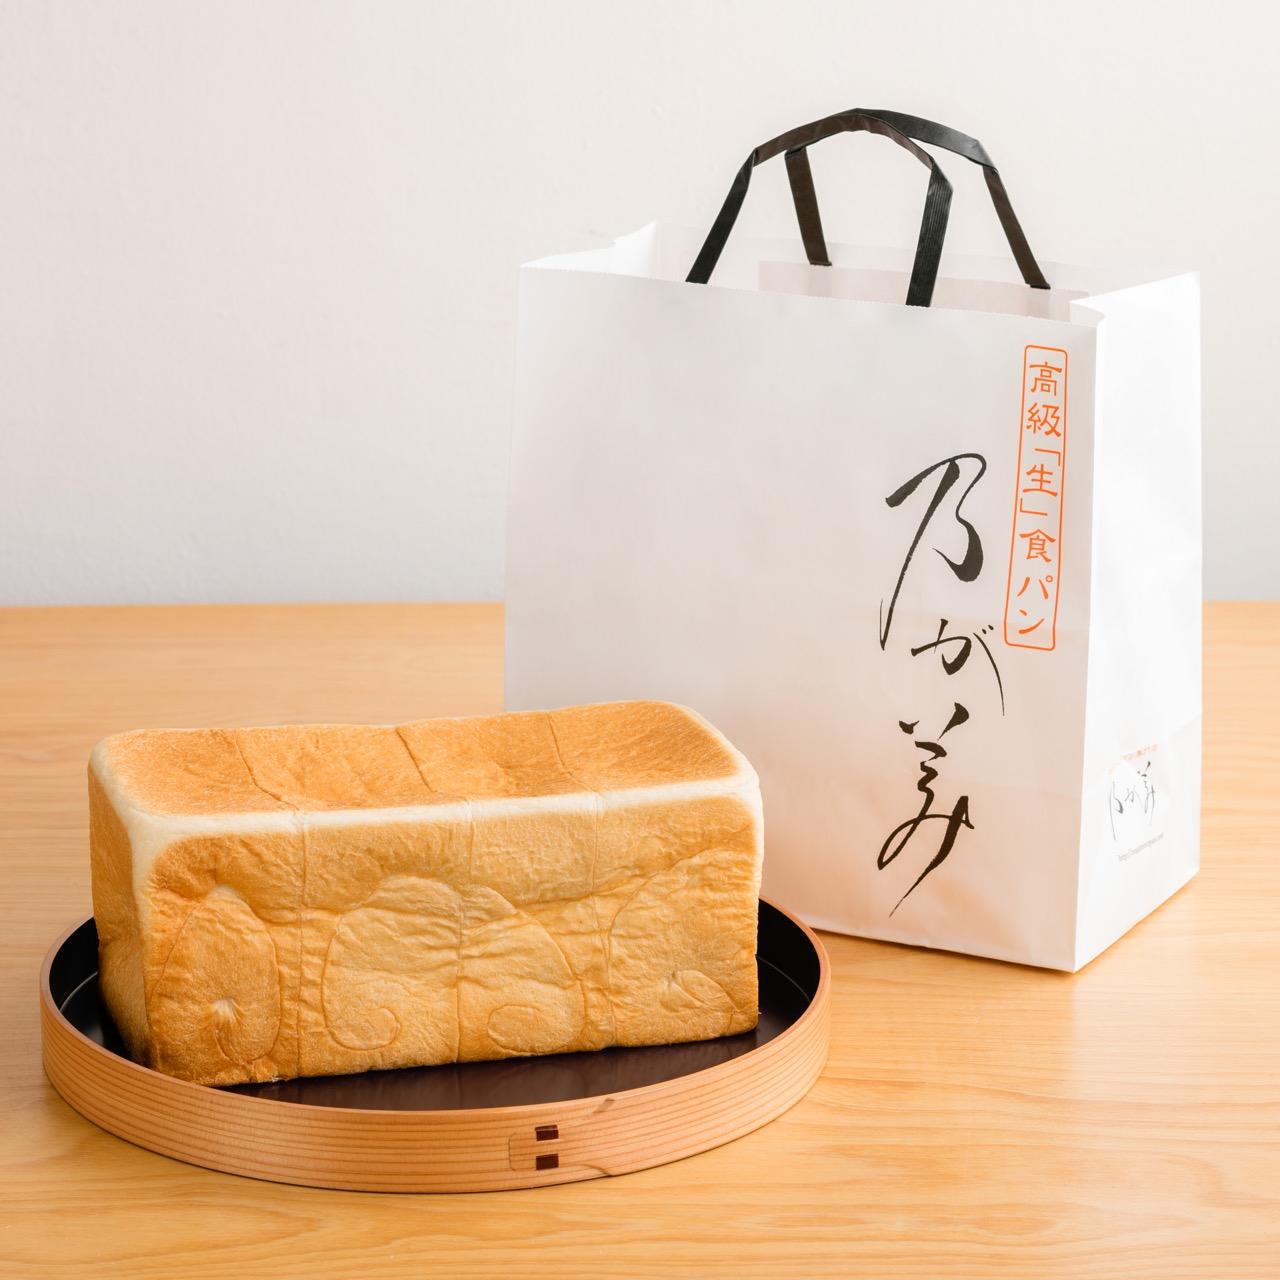 東京人だけが知らなかった、行列のできる人気食パン。「乃が美」が麻布十番にオープン